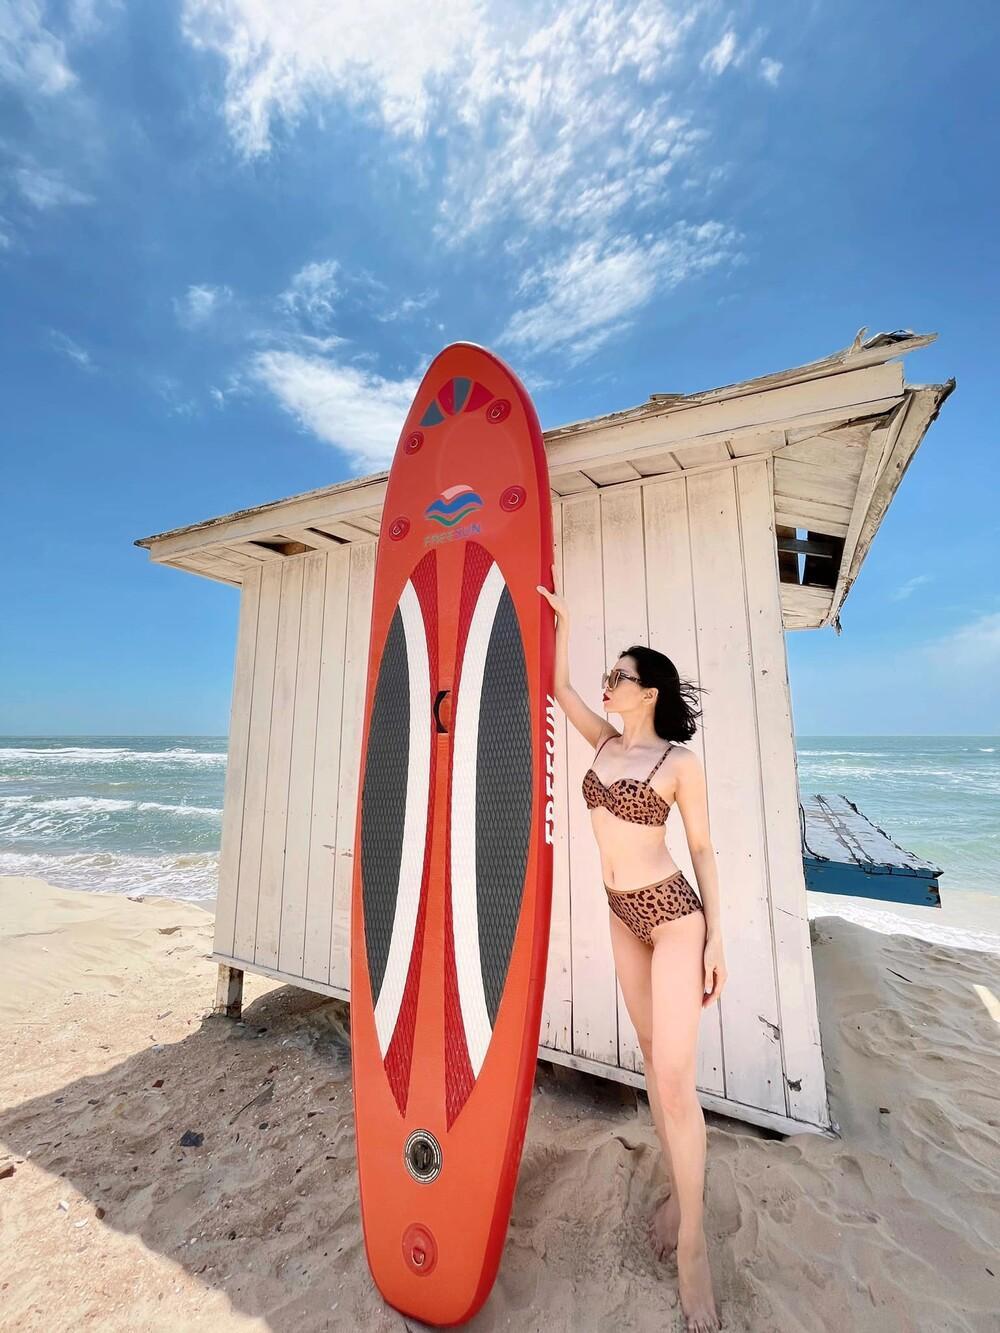 Lệ Quyên mặc bikini khoe body 'siêu thực' thách thức camera thường Ảnh 8